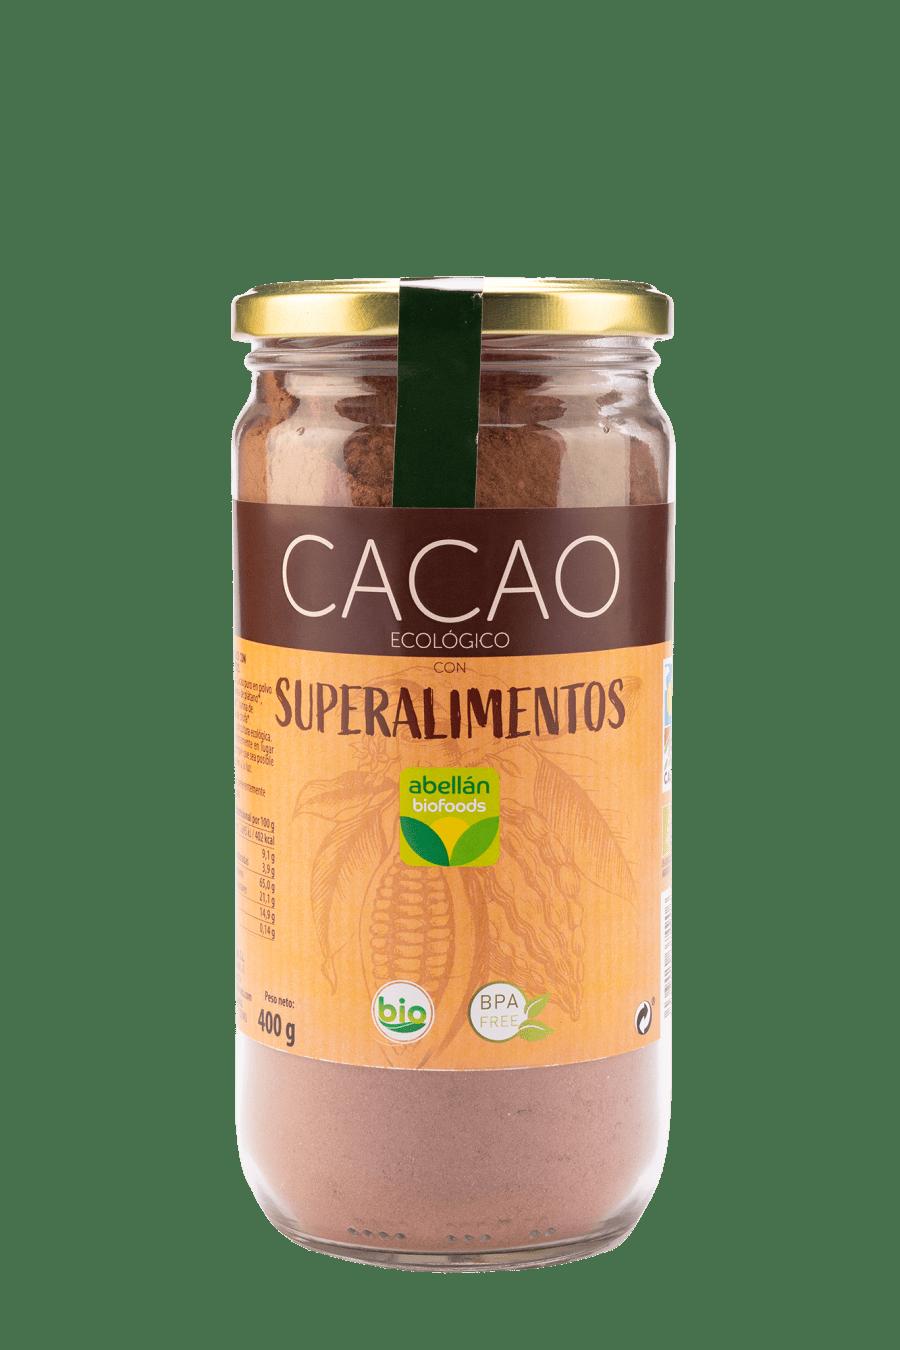 Cacao con superalimentos